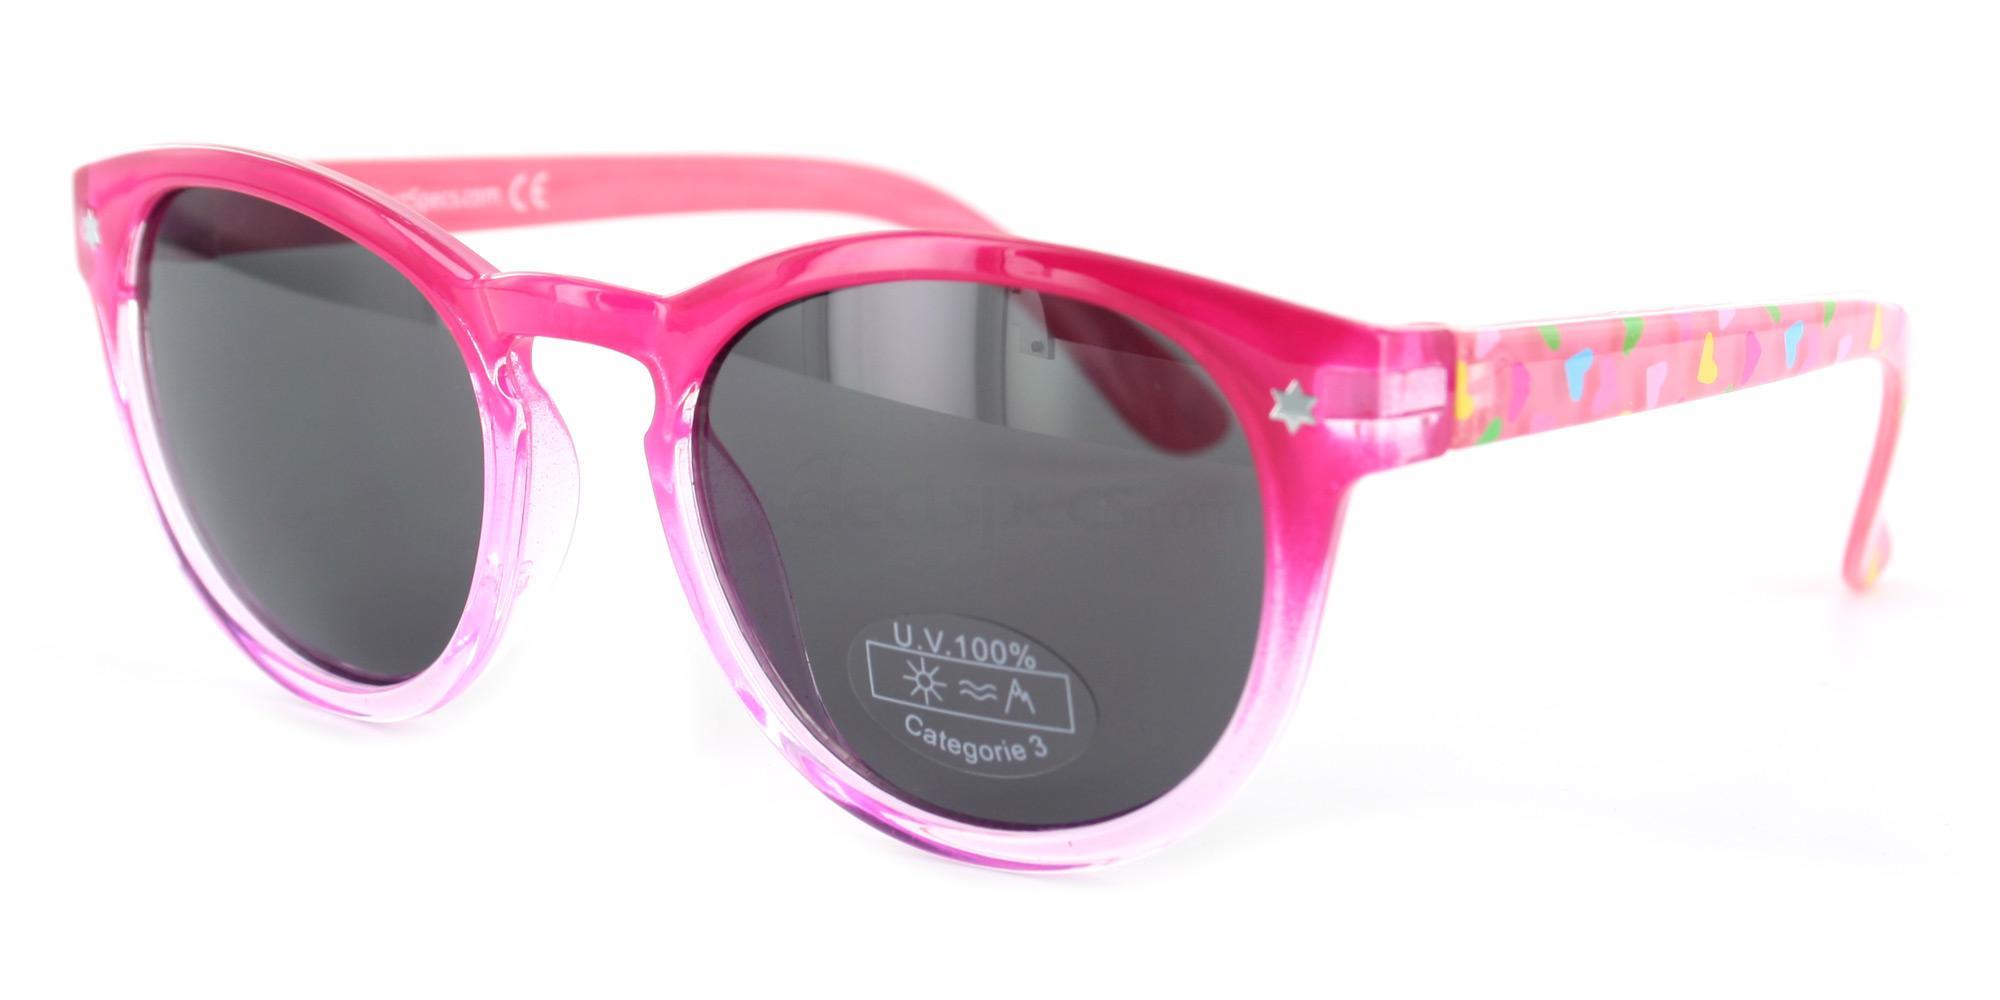 C06 KS04 - Round Sunglasses, Savannah KIDS